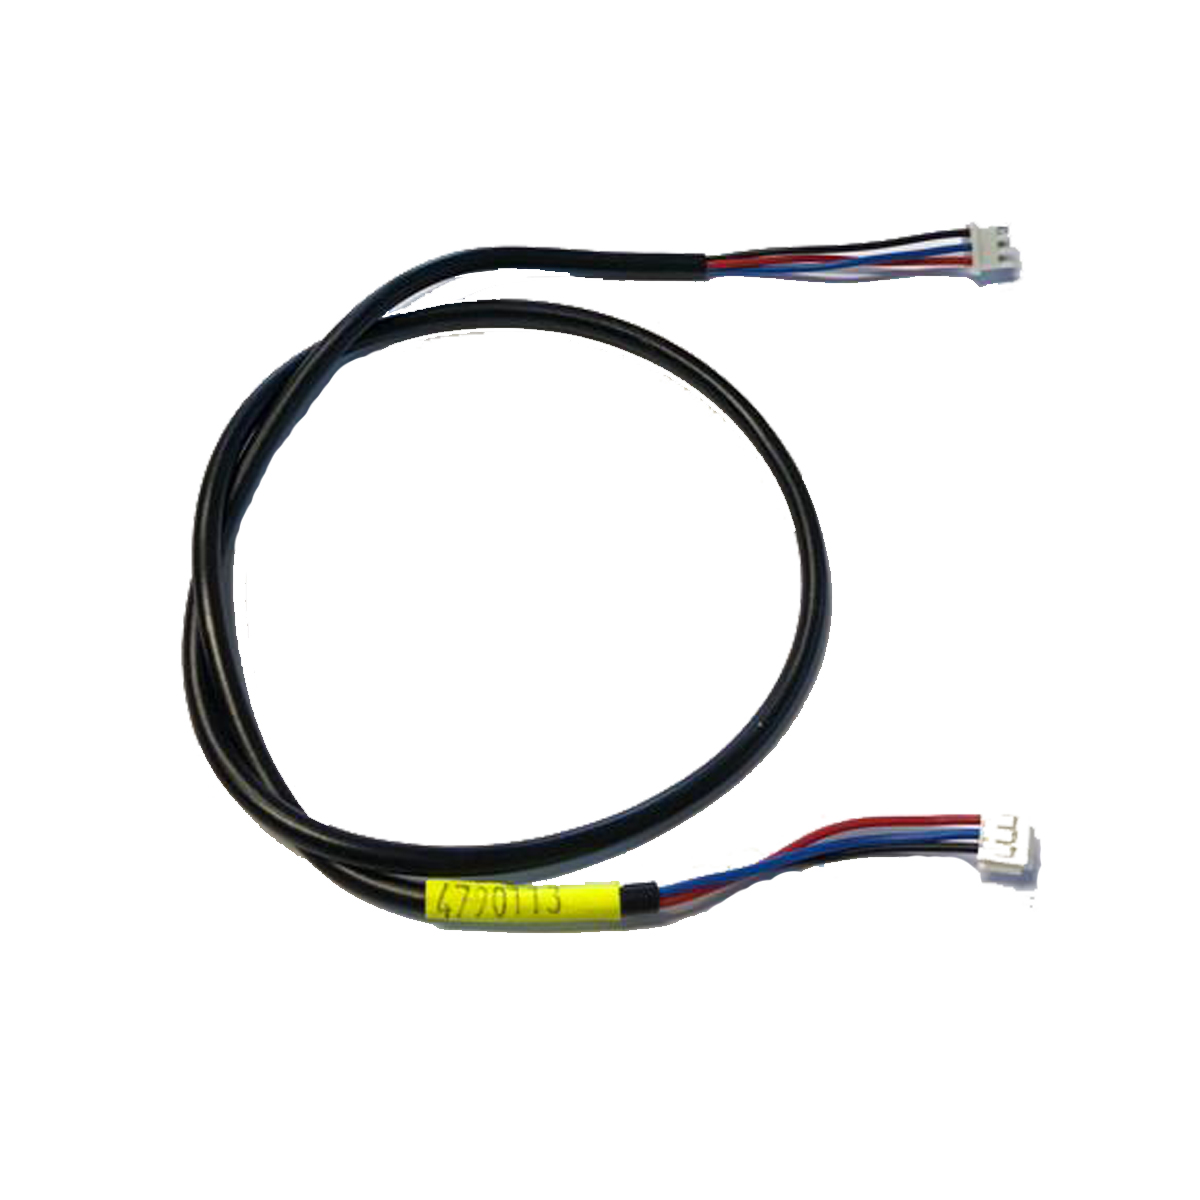 encoder kabel pelletmotor 60 cm